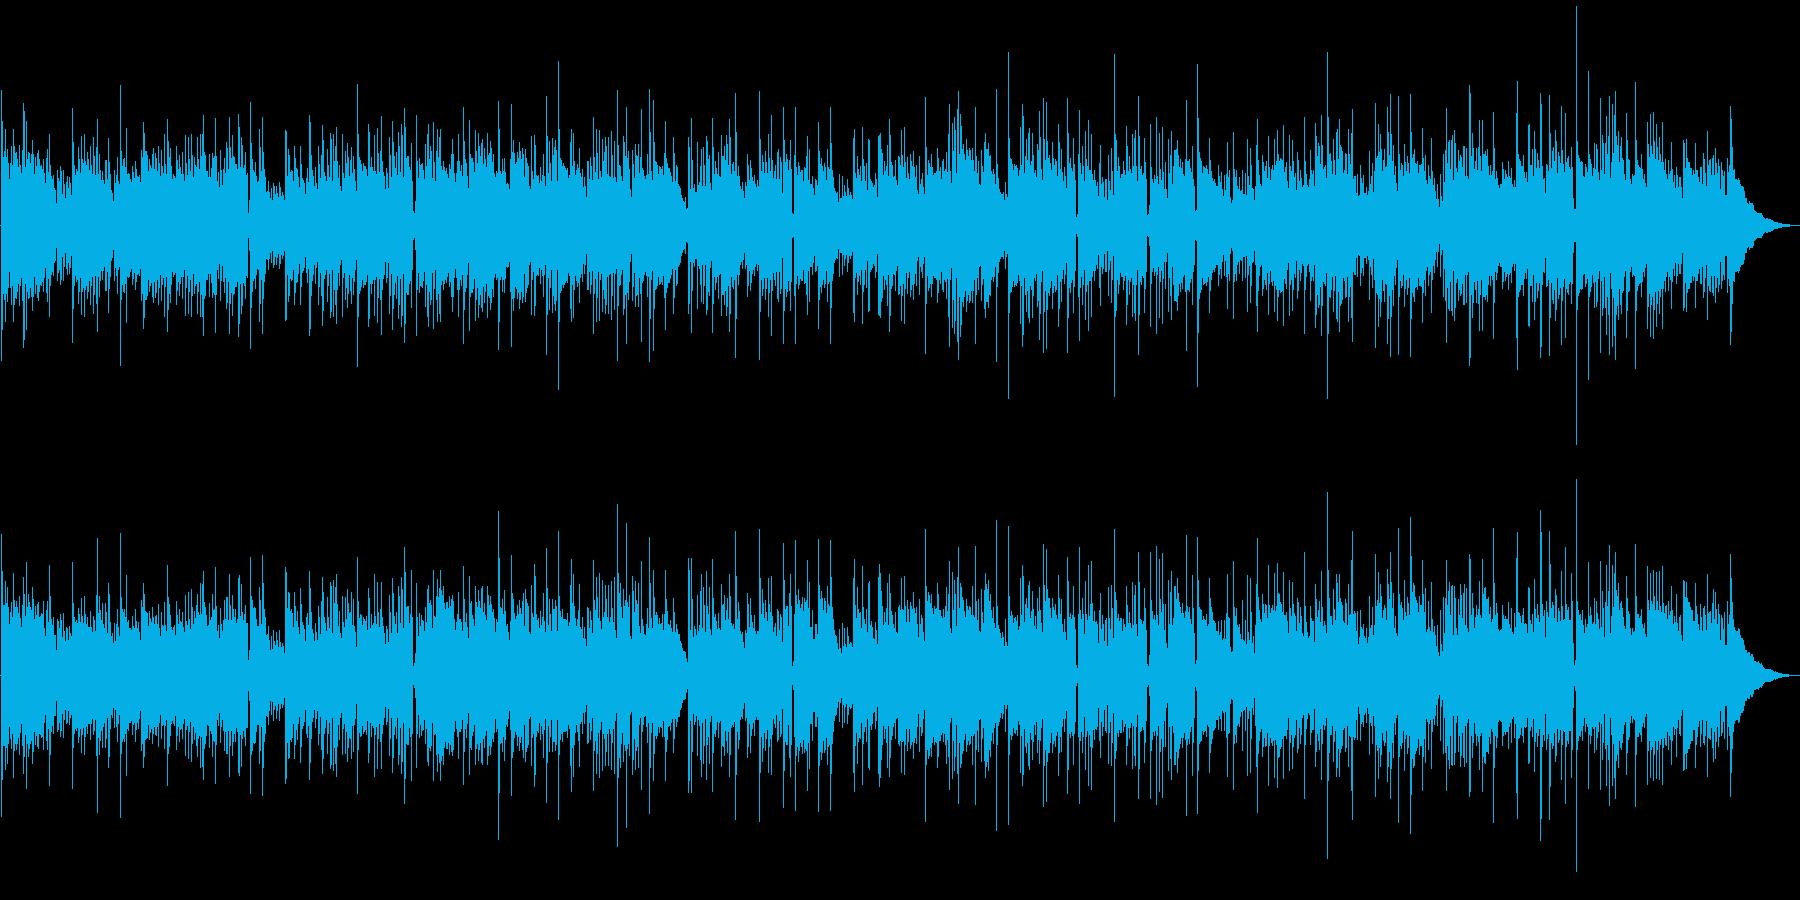 ソロギターの再生済みの波形